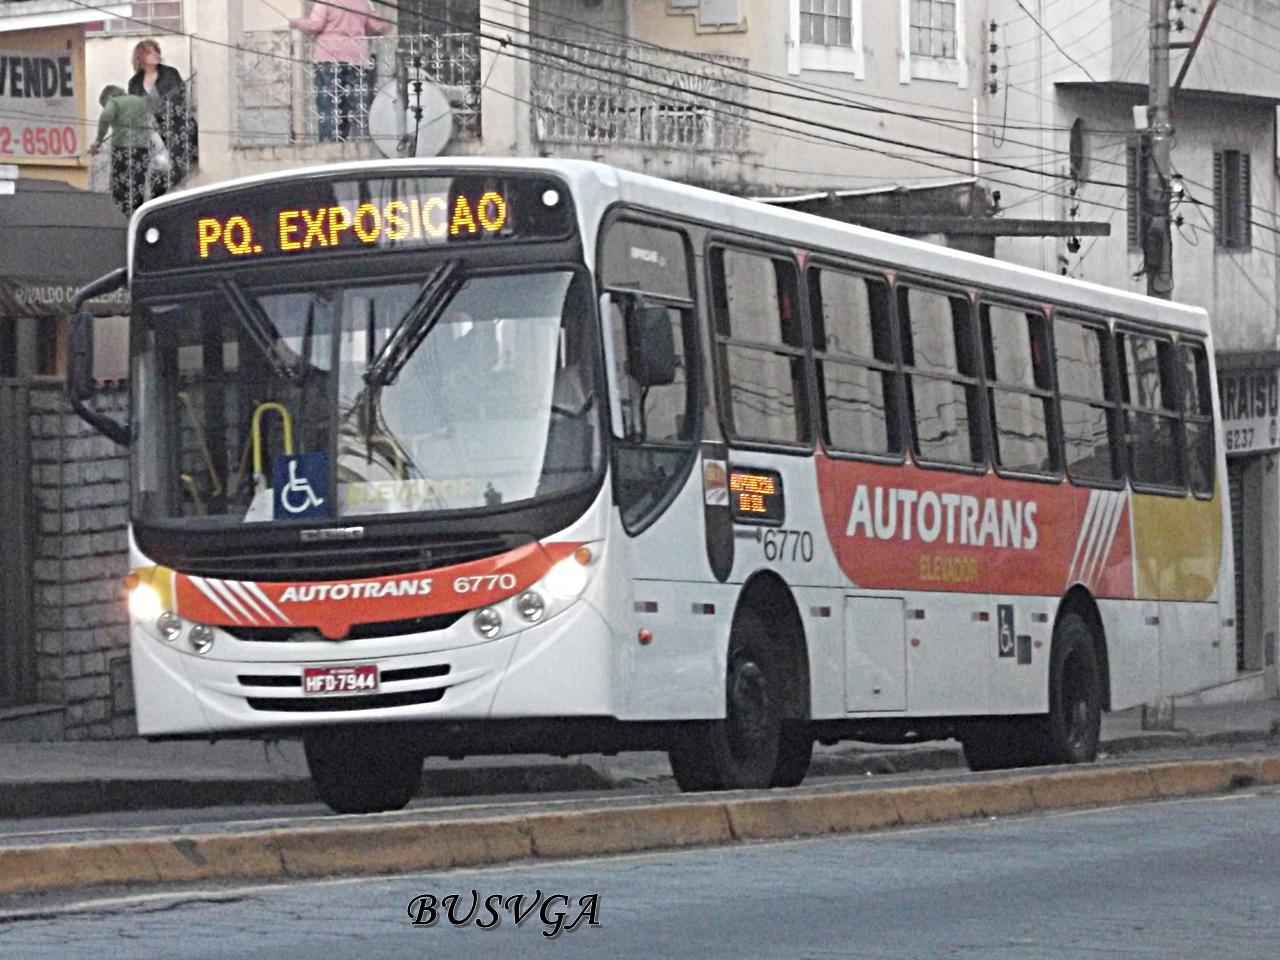 Autotrans